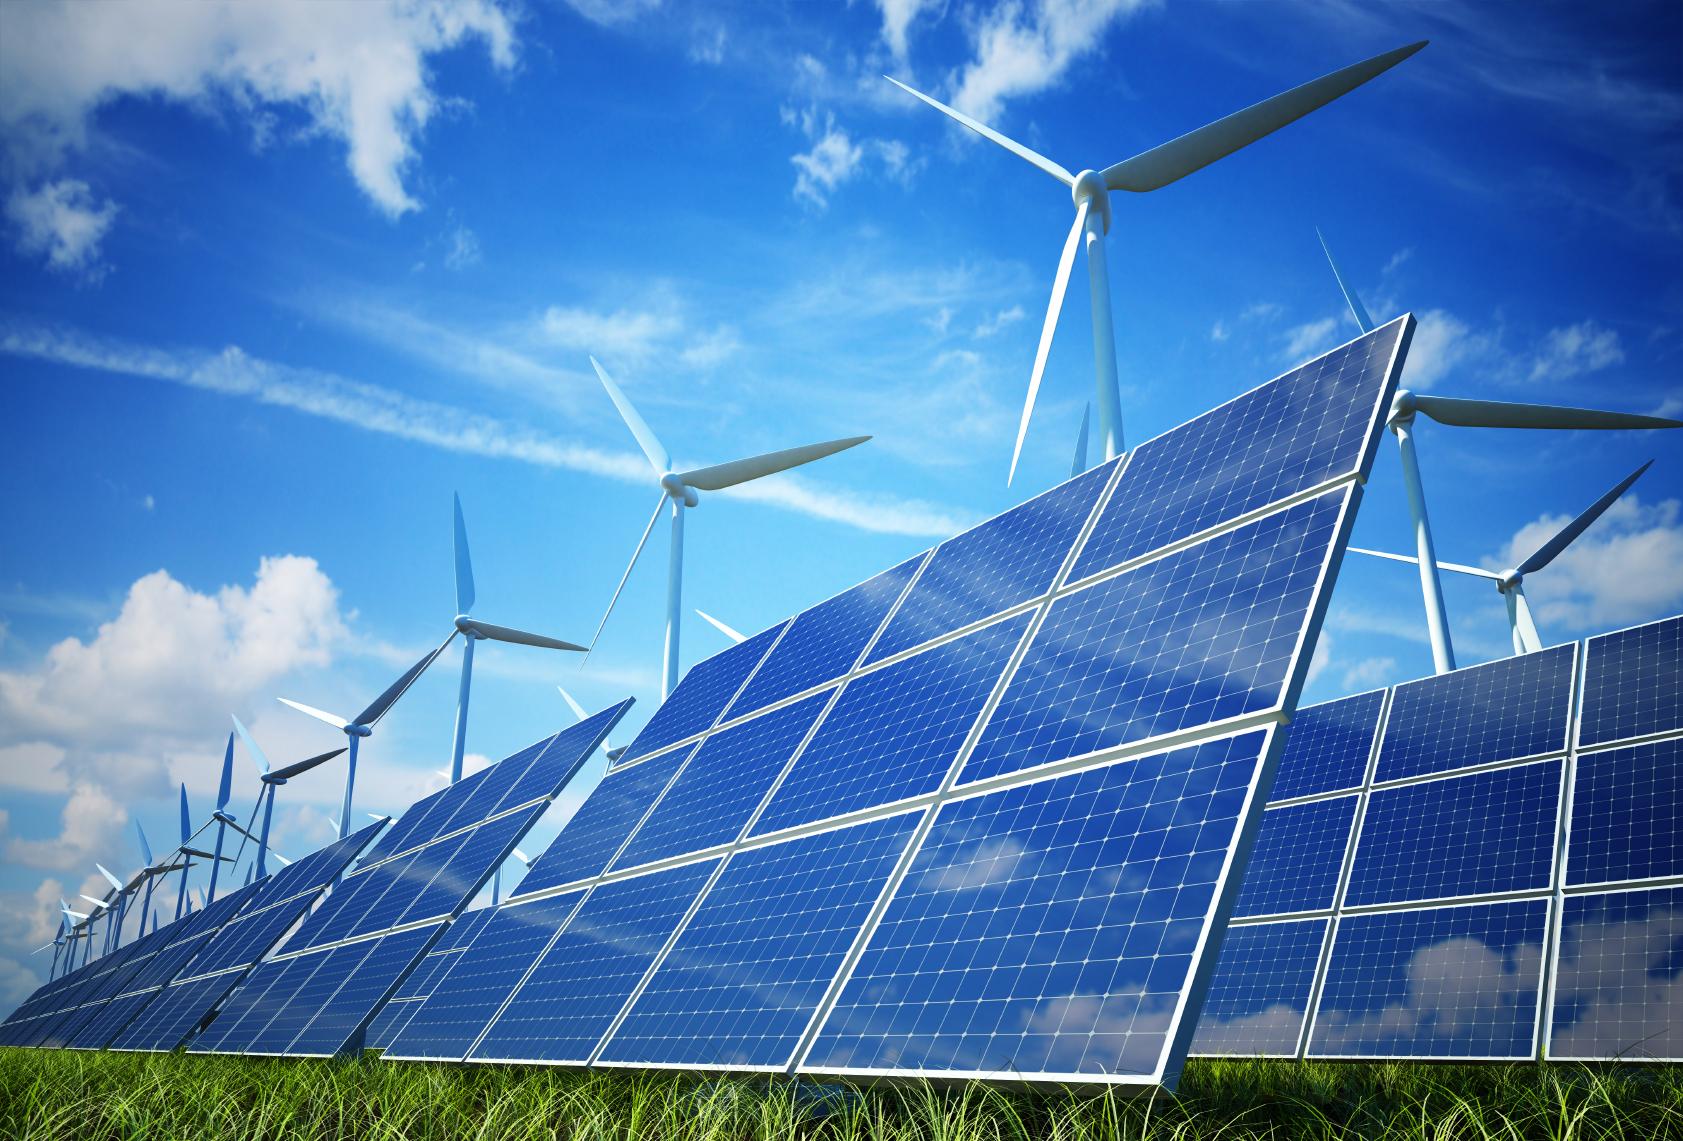 Německo zavádí nové zákony, které mají omezit prudký nárůst výroby energie z obnovitelných zdrojů